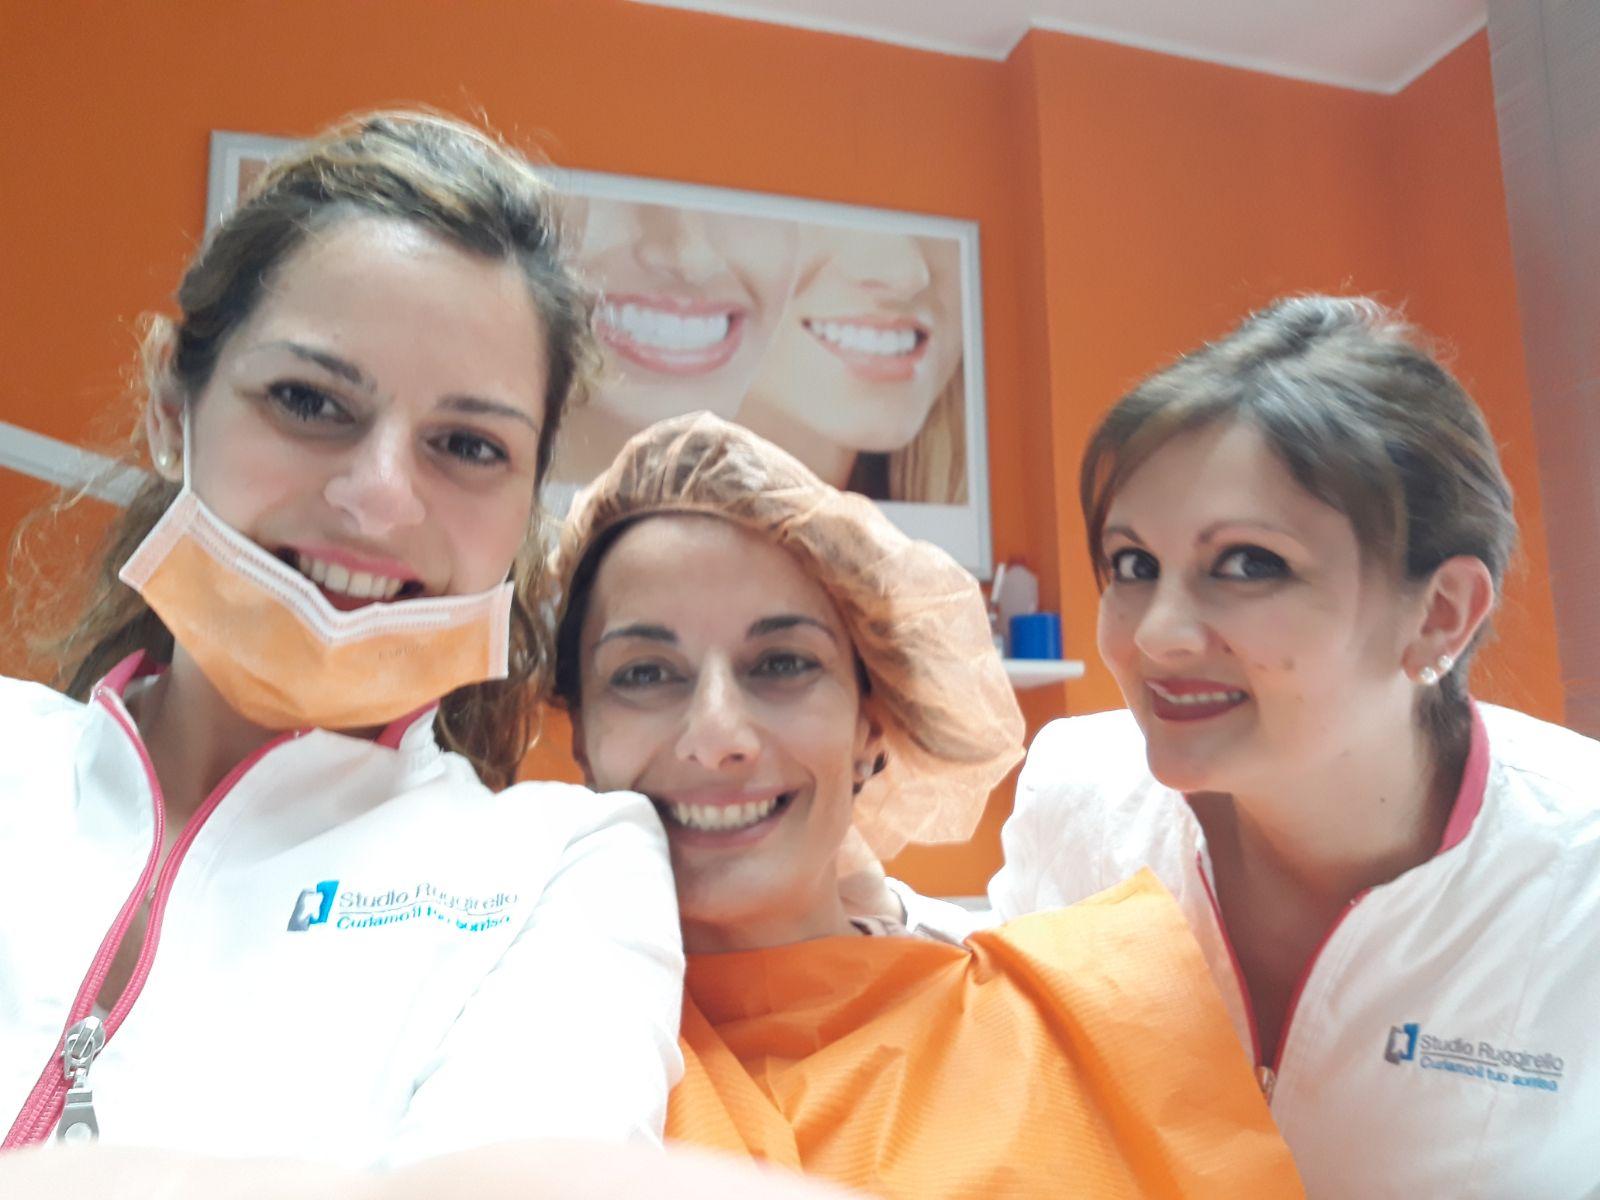 Intervento di rialzo seno mascellare o sinus lift